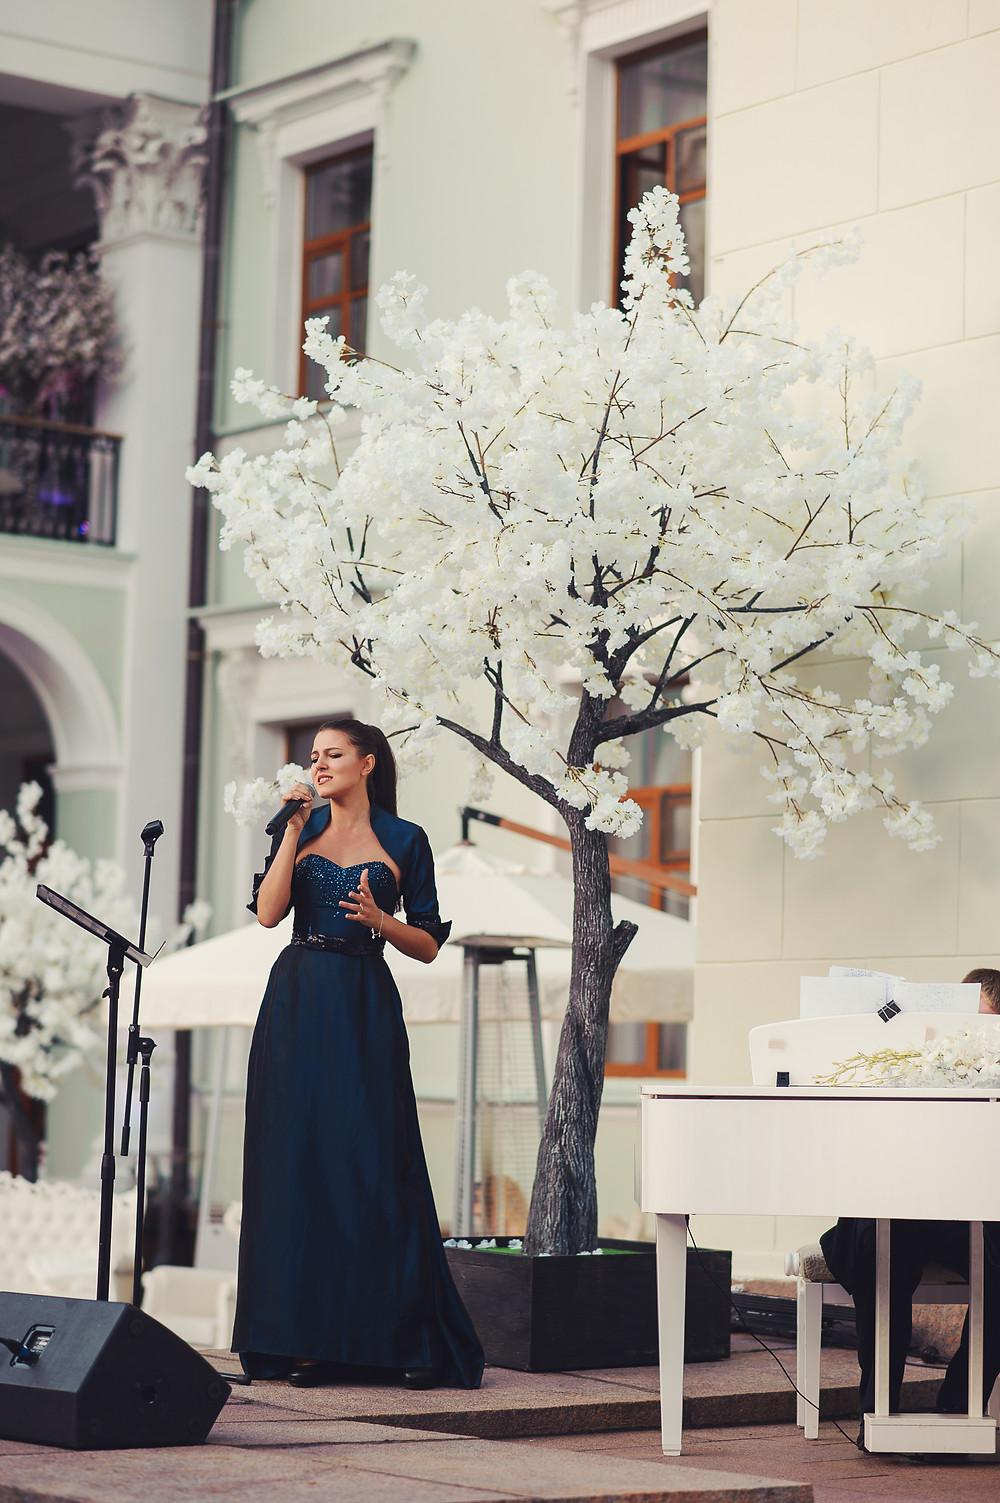 белая сакура, искусственные деревья в оформлении, деревья в свадебном оформлении, свадьба в морозовке, свадебные деревья, свадебное оформление, необычное свадебное оформление, оригинальное свадебное оформление